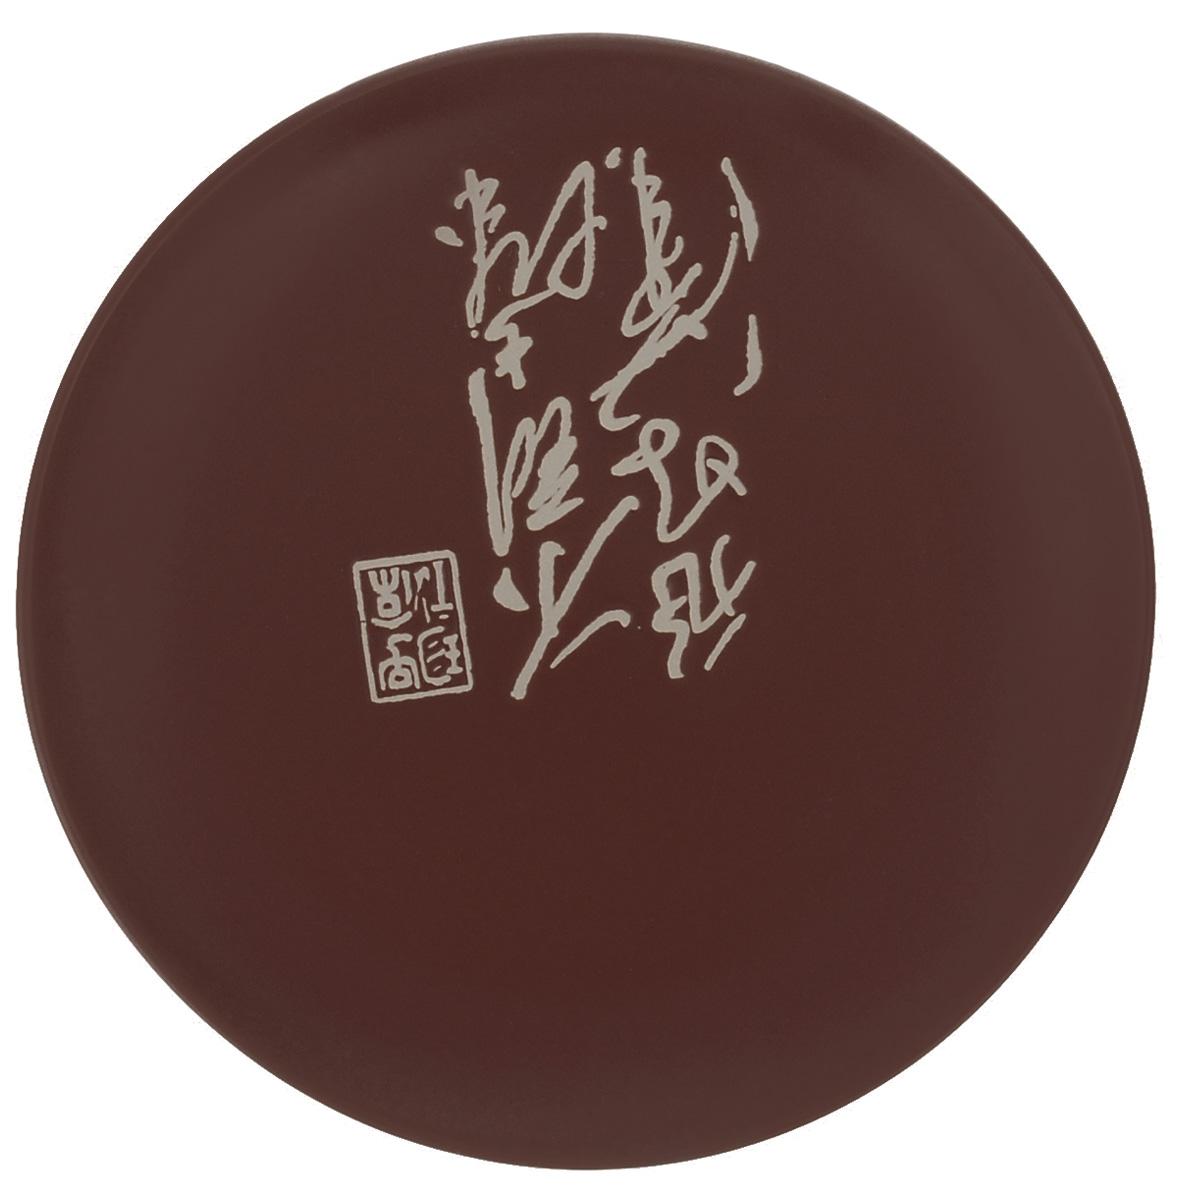 Тарелка Wing Star Терракота, цвет: темно-коричневый, диаметр 18 смLJ2085-3185BТарелка Wing Star Терракота изготовлена из высококачественной керамики. Изделие украшено оригинальной надписью. Такая тарелка украсит сервировку стола и подчеркнет прекрасный вкус хозяйки. Можно мыть в посудомоечной машине и использовать в микроволновой печи. Диаметр: 18 см. Высота: 2 см.